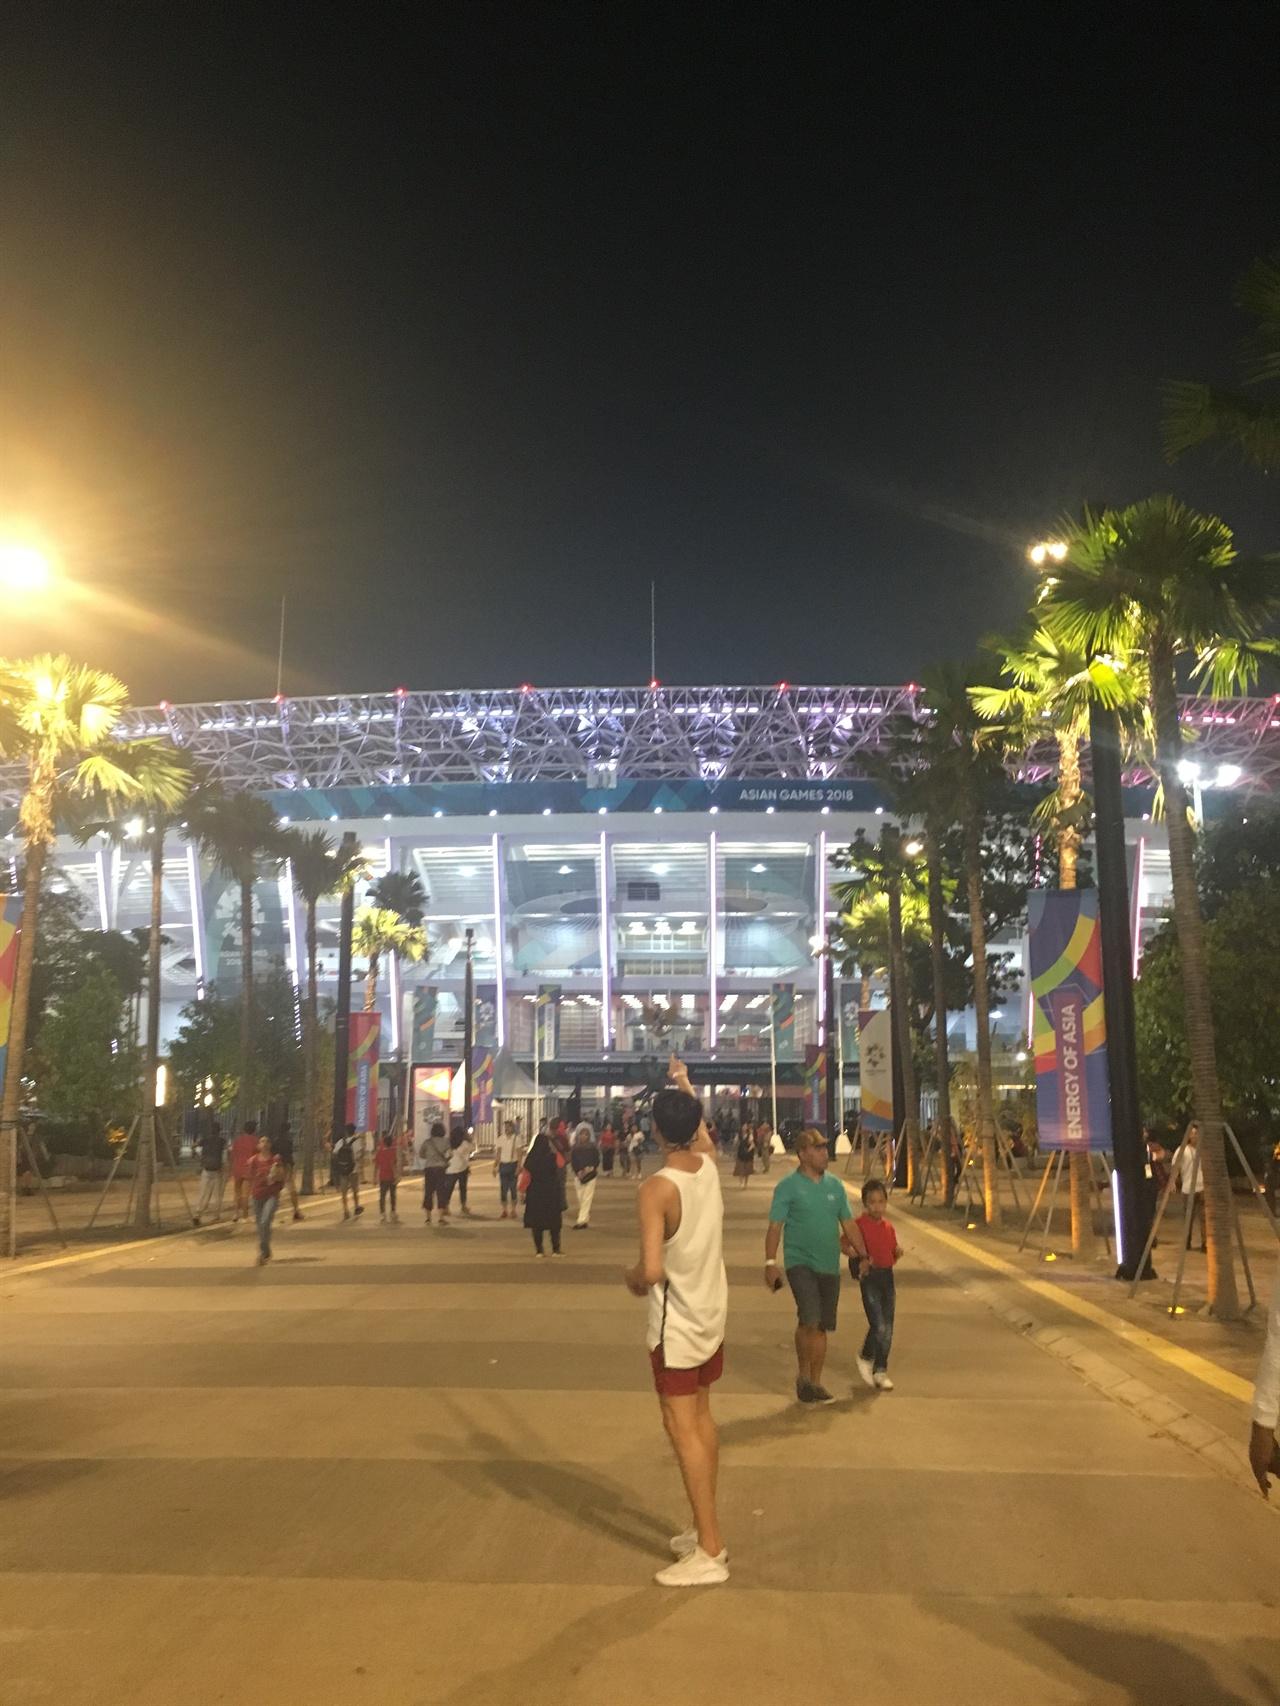 인도네시아 자카르타 아시안게임이 열리는 겔로라 붕 카르노(GBK) 주경기장 사진이다.